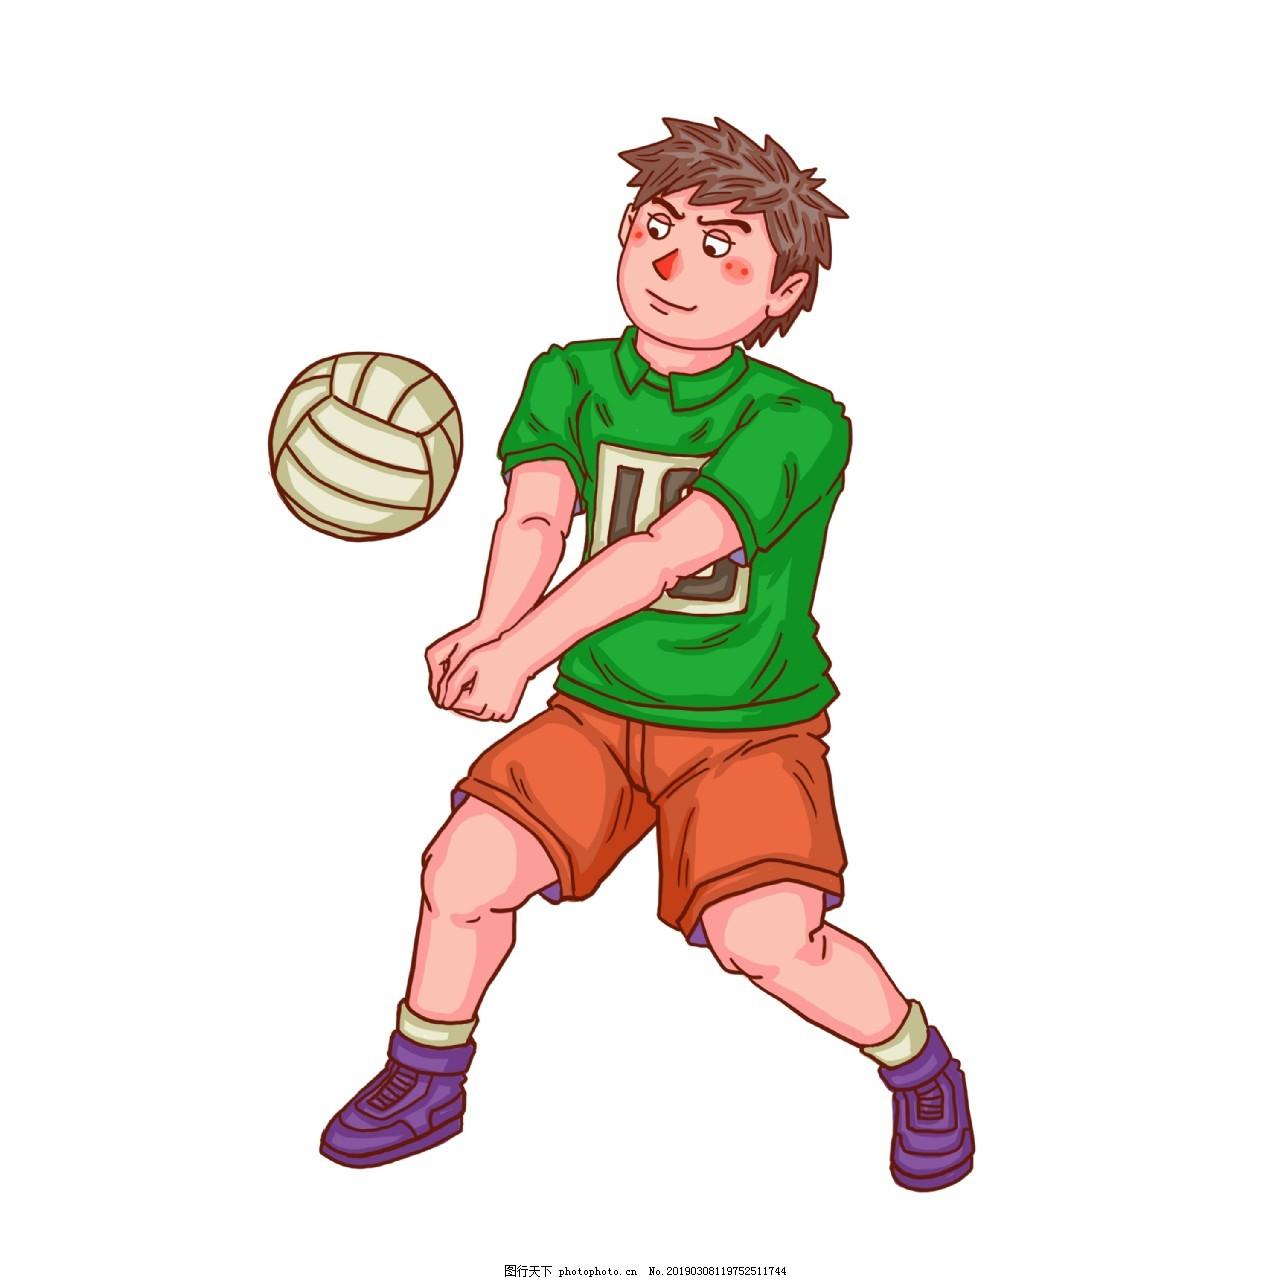 卡通比赛青年人物排球比赛,比赛人物,卡通比赛人物,排球比赛场,比赛第一名,快乐男孩,奖杯